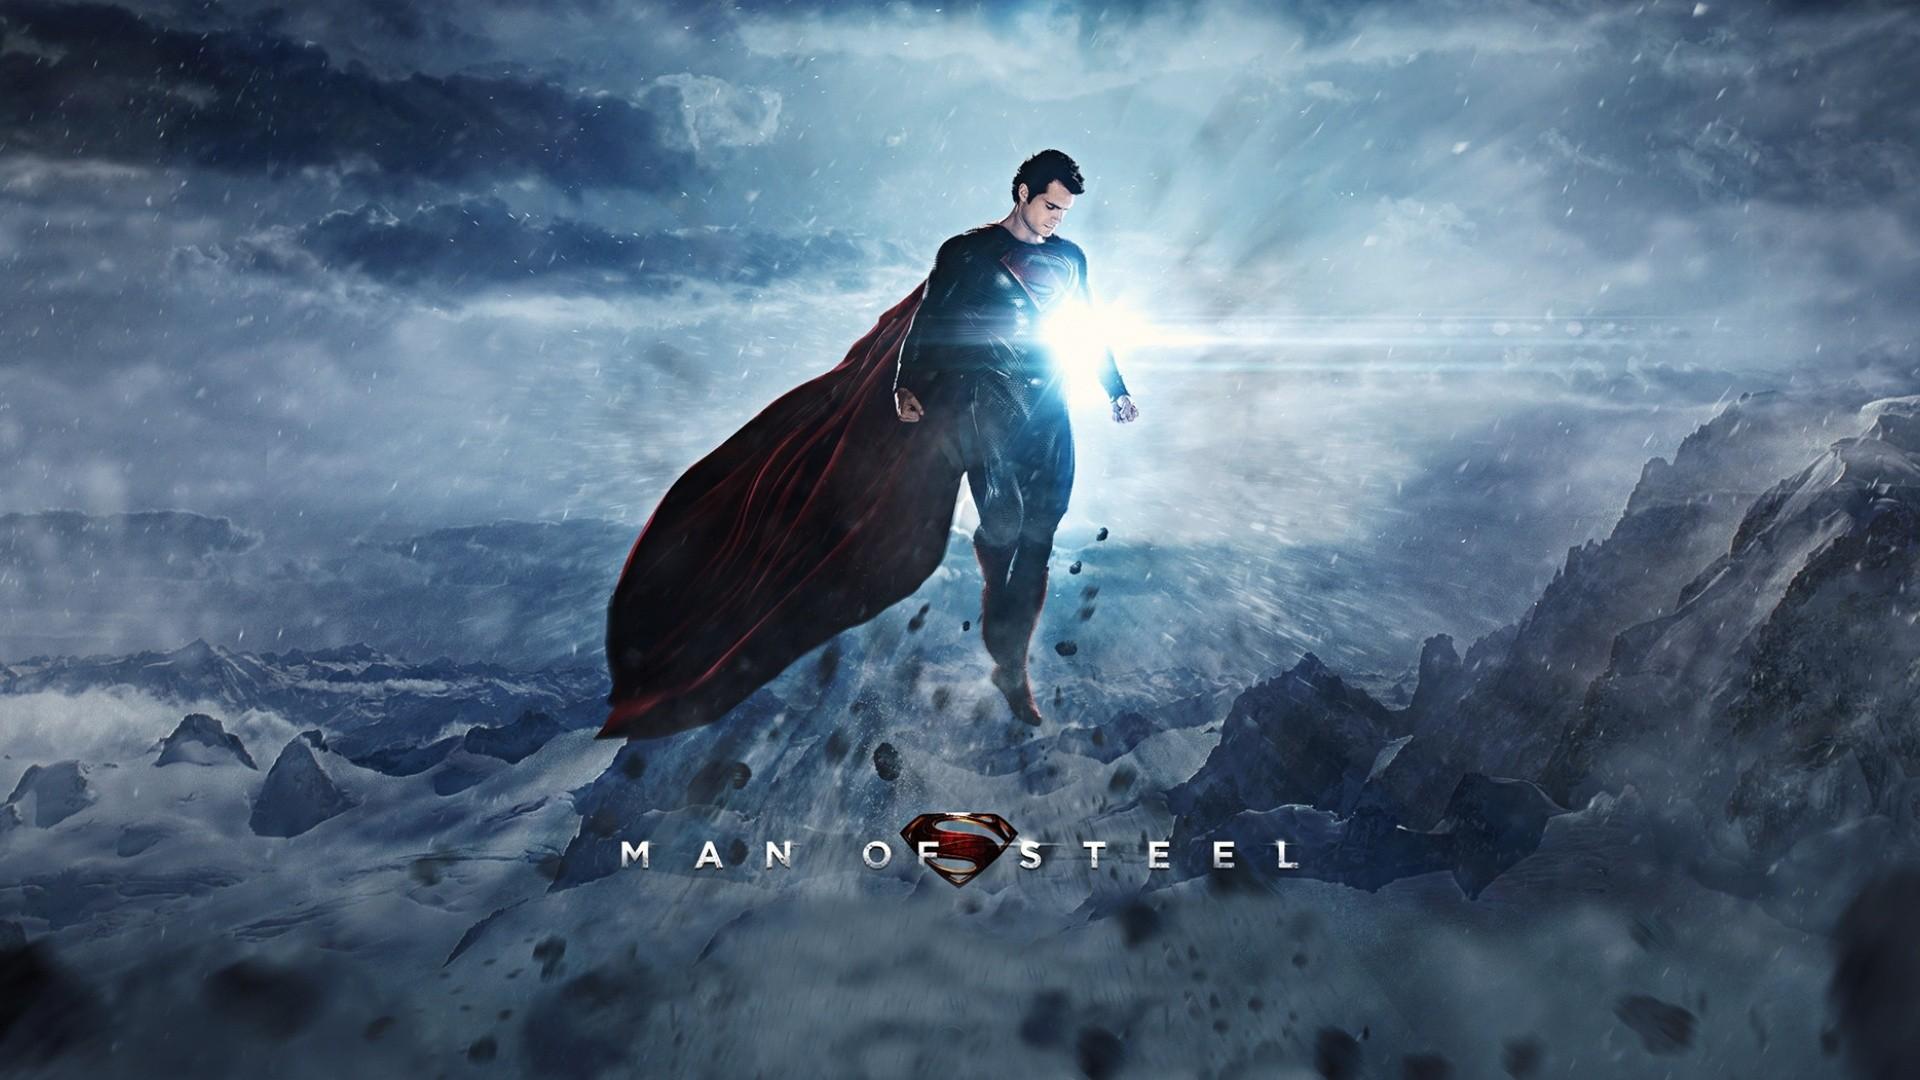 Man of Steel Superman Light Henry Cavill wallpaper 1920x1080 91371 1920x1080